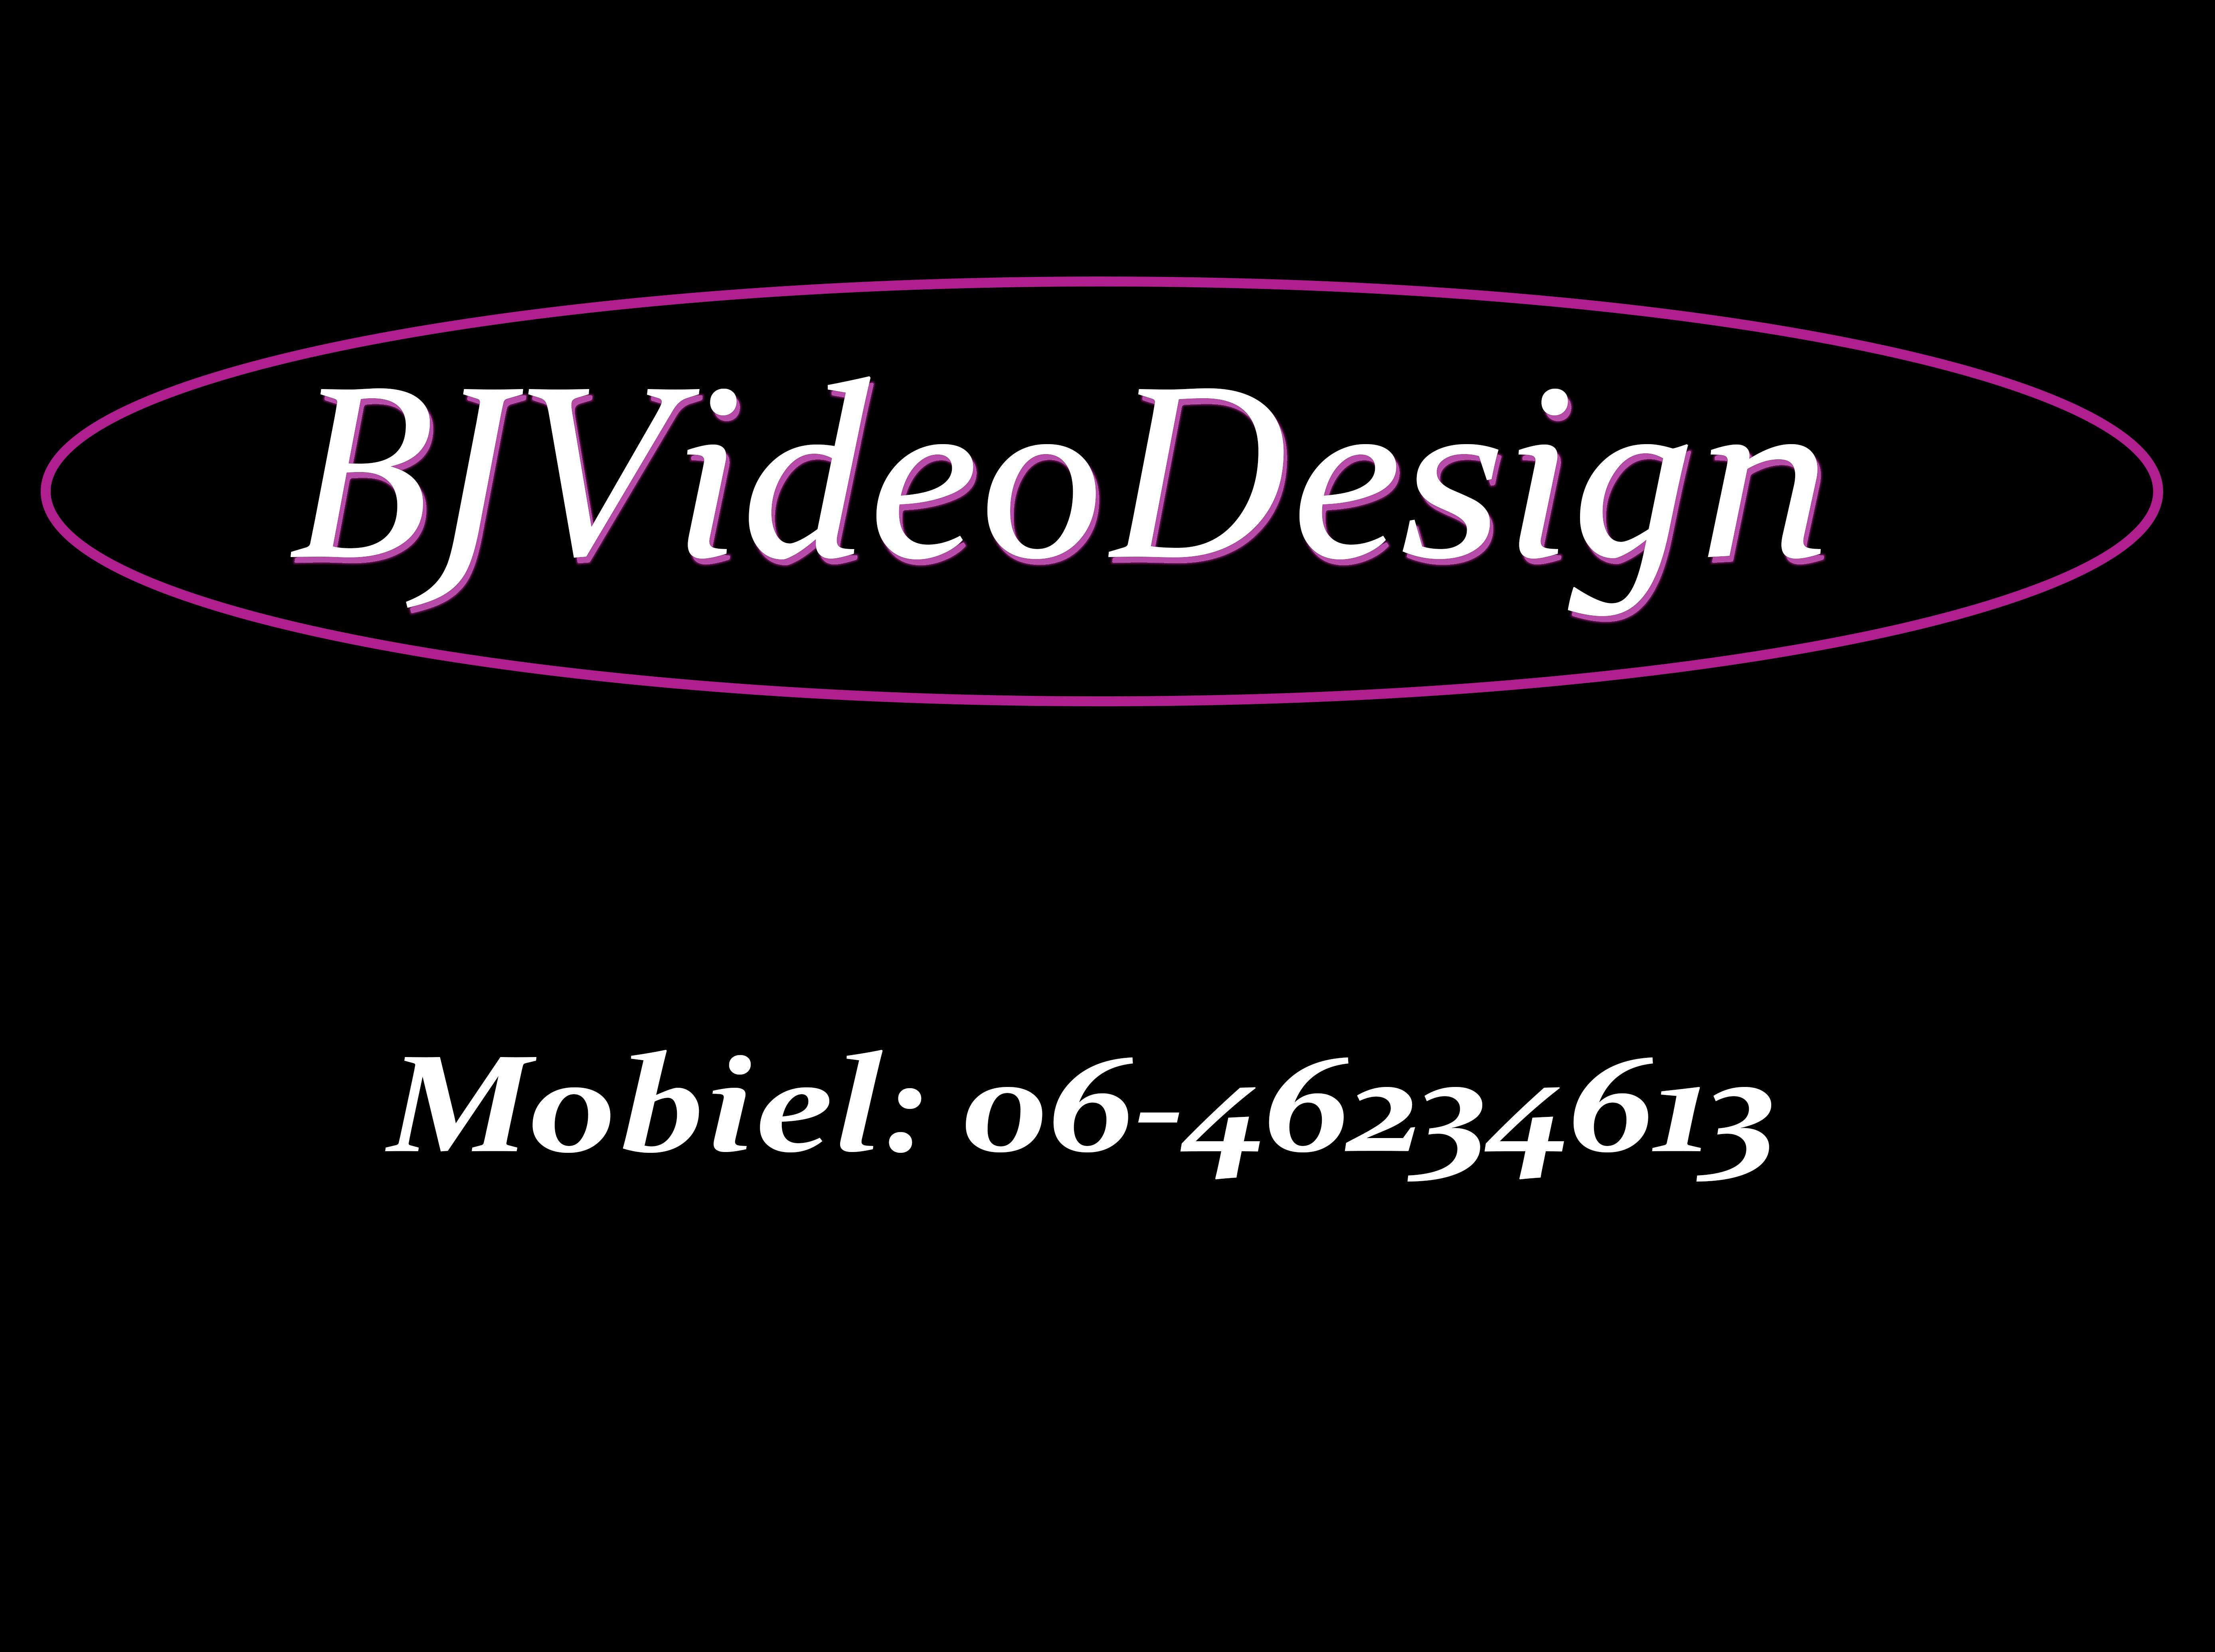 BJVideoDesign